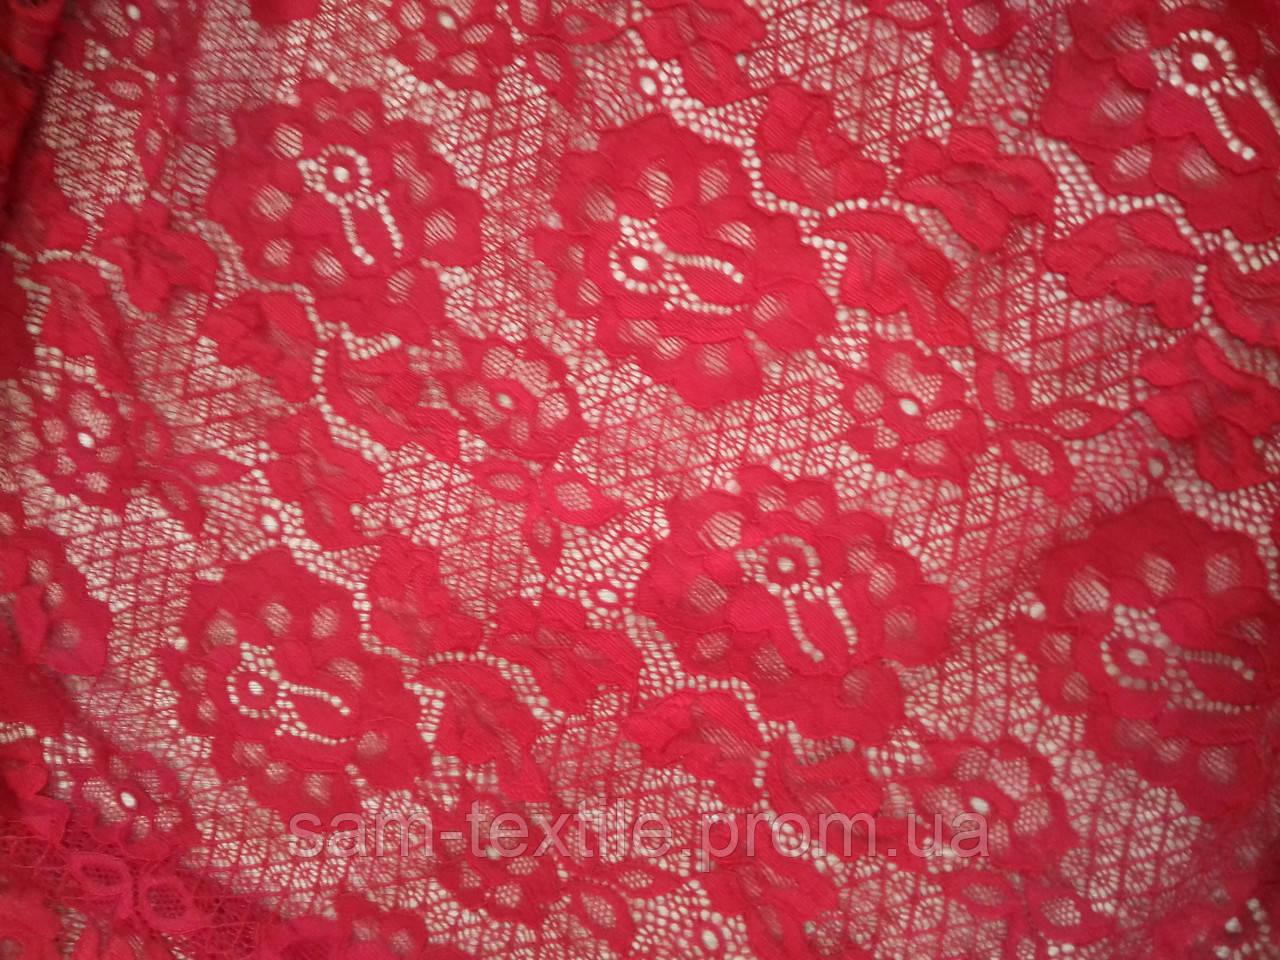 Ткань гипюр цветочный арнамент (красный)  Гипюр оптом и в розницу ... 0e79703eb19